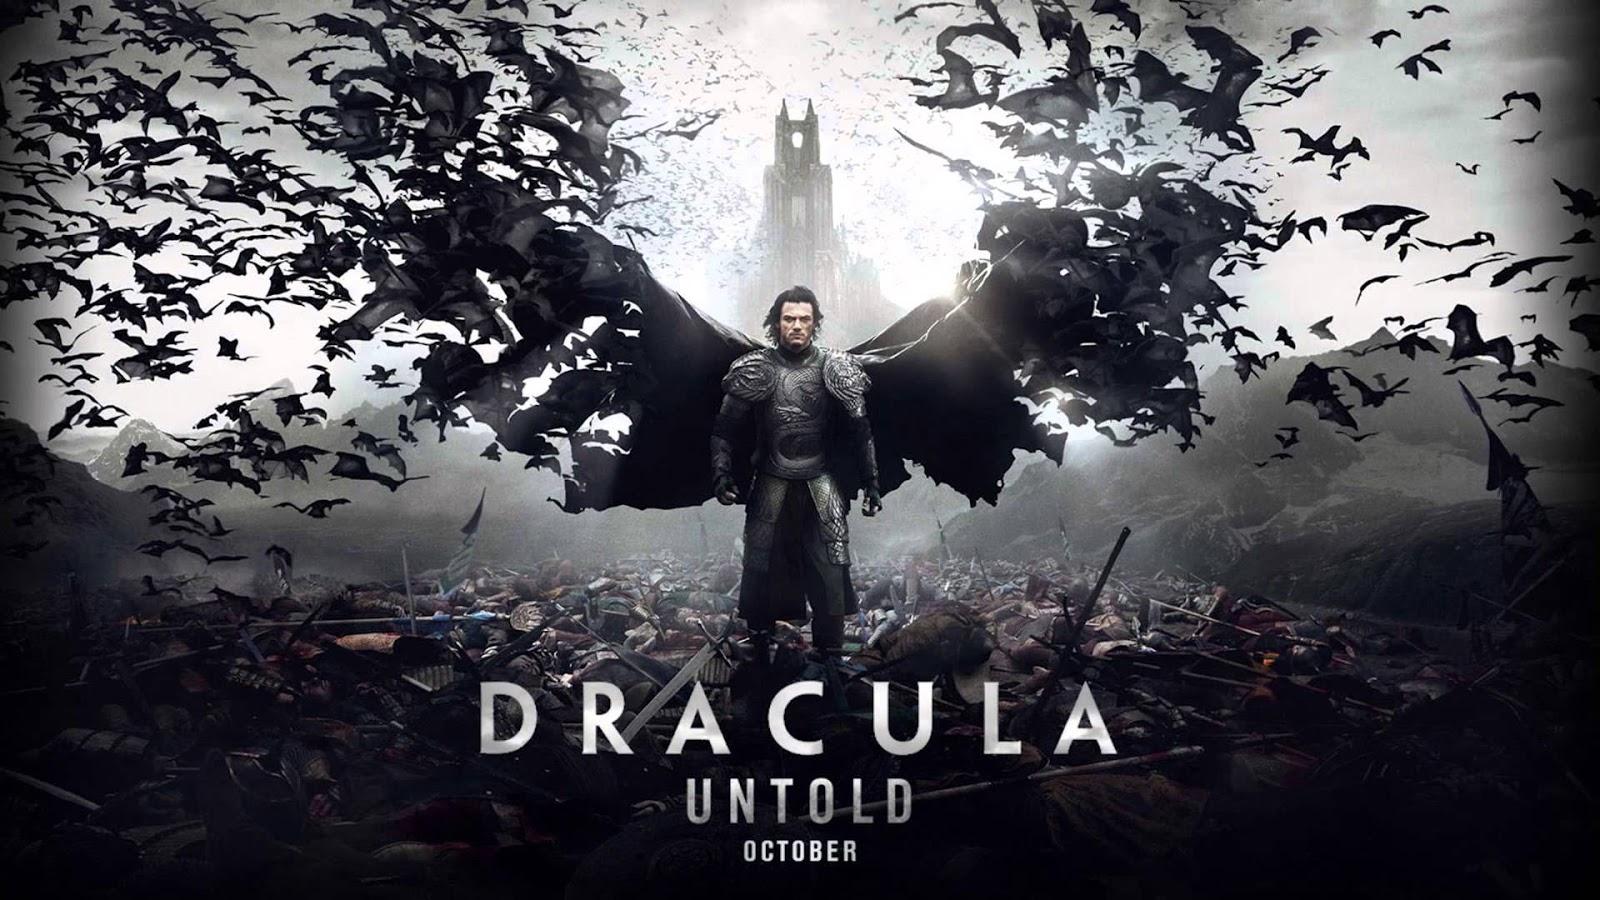 Ác quỷ Dracula: Huyền Thoại Chưa Kể - Dracula Untold (2014)